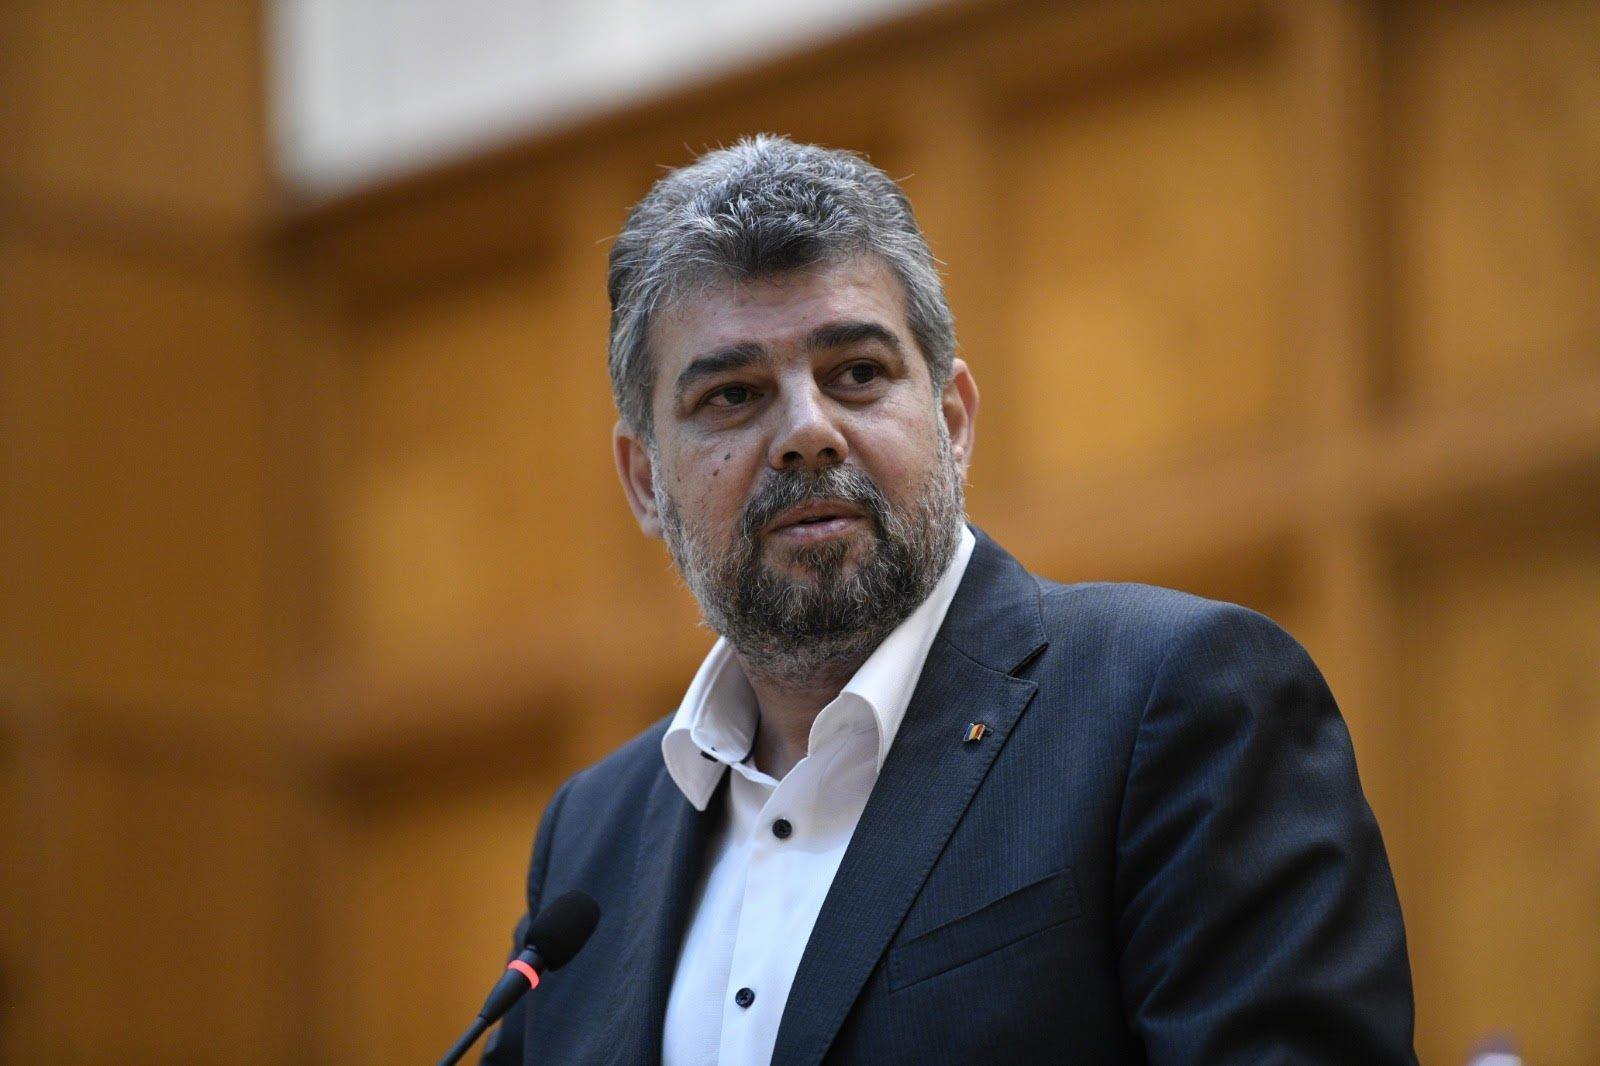 Ρουμανία: Εκλέχθηκε Πρόεδρος του PSD ο Ciolacu